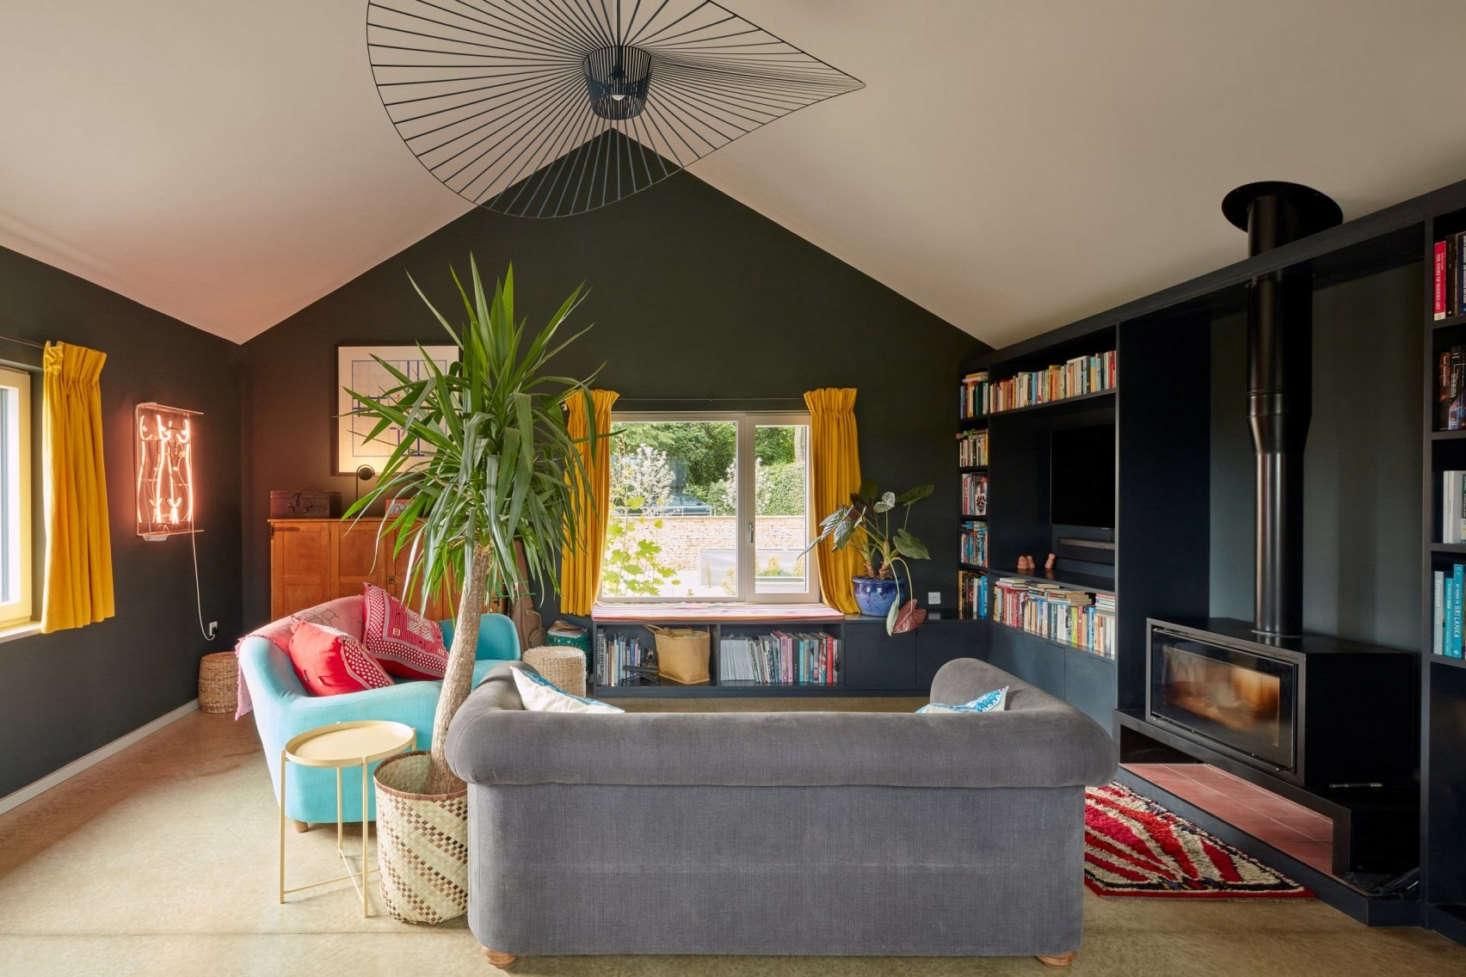 The Vertigo Pendant Light by Constance Guisset hangs over the cozy living room.